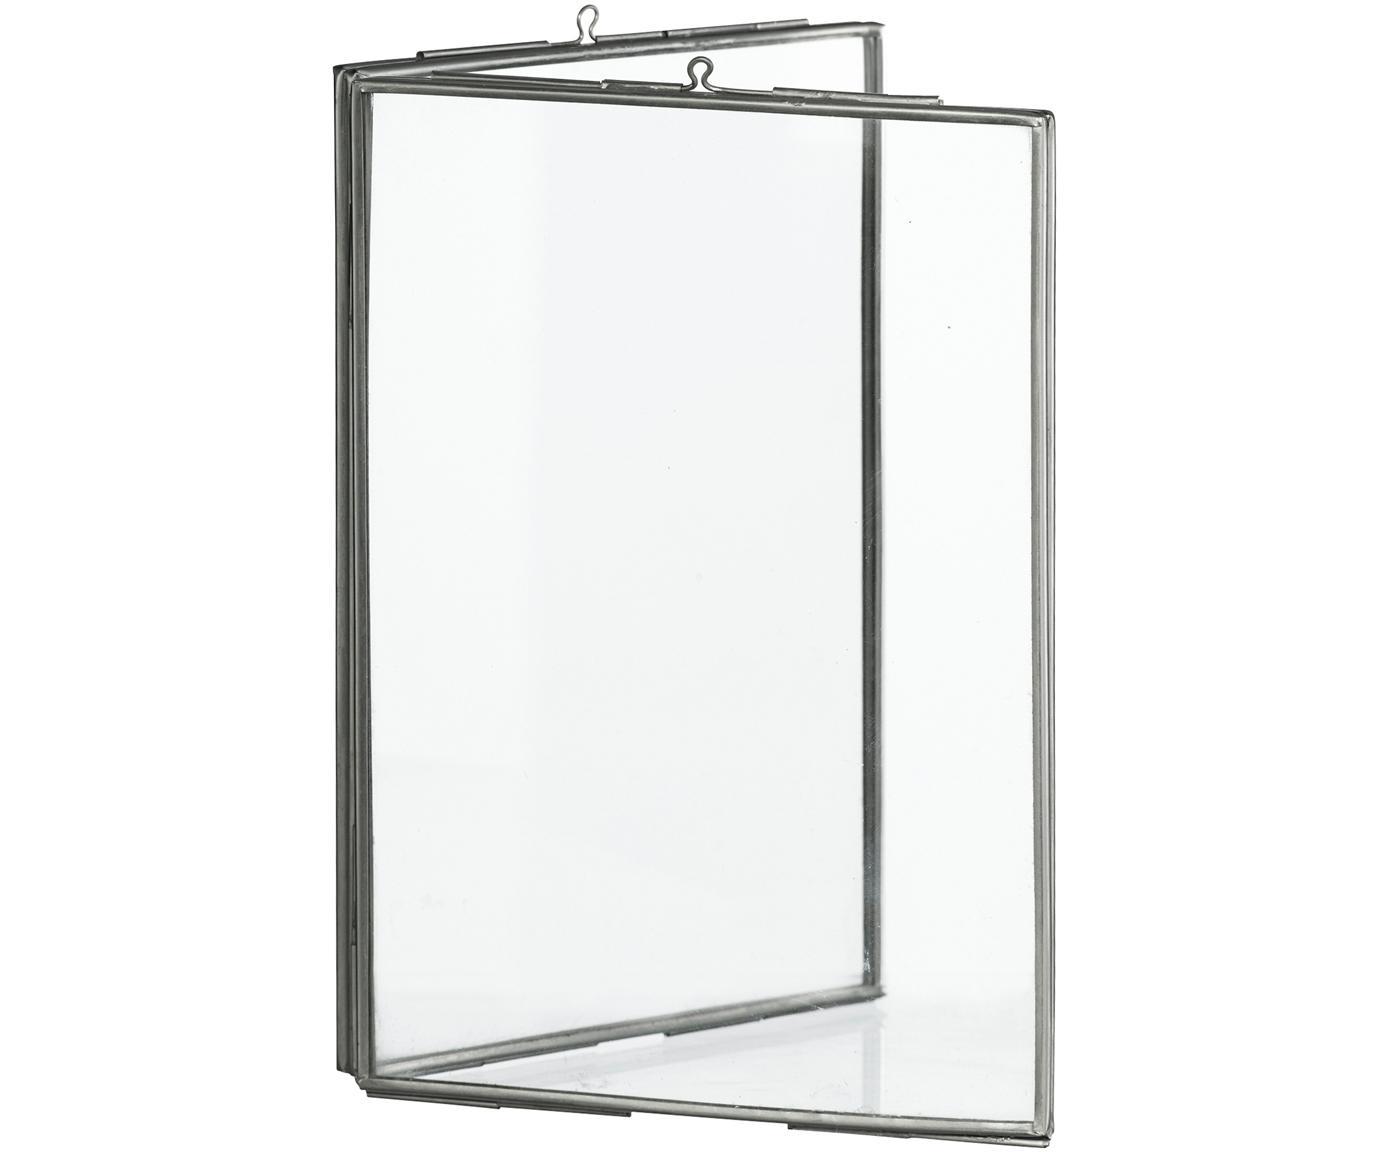 Cornice Double, Vetro, metallo rivestito, Acciaio inossidabile, 10 x 15 cm